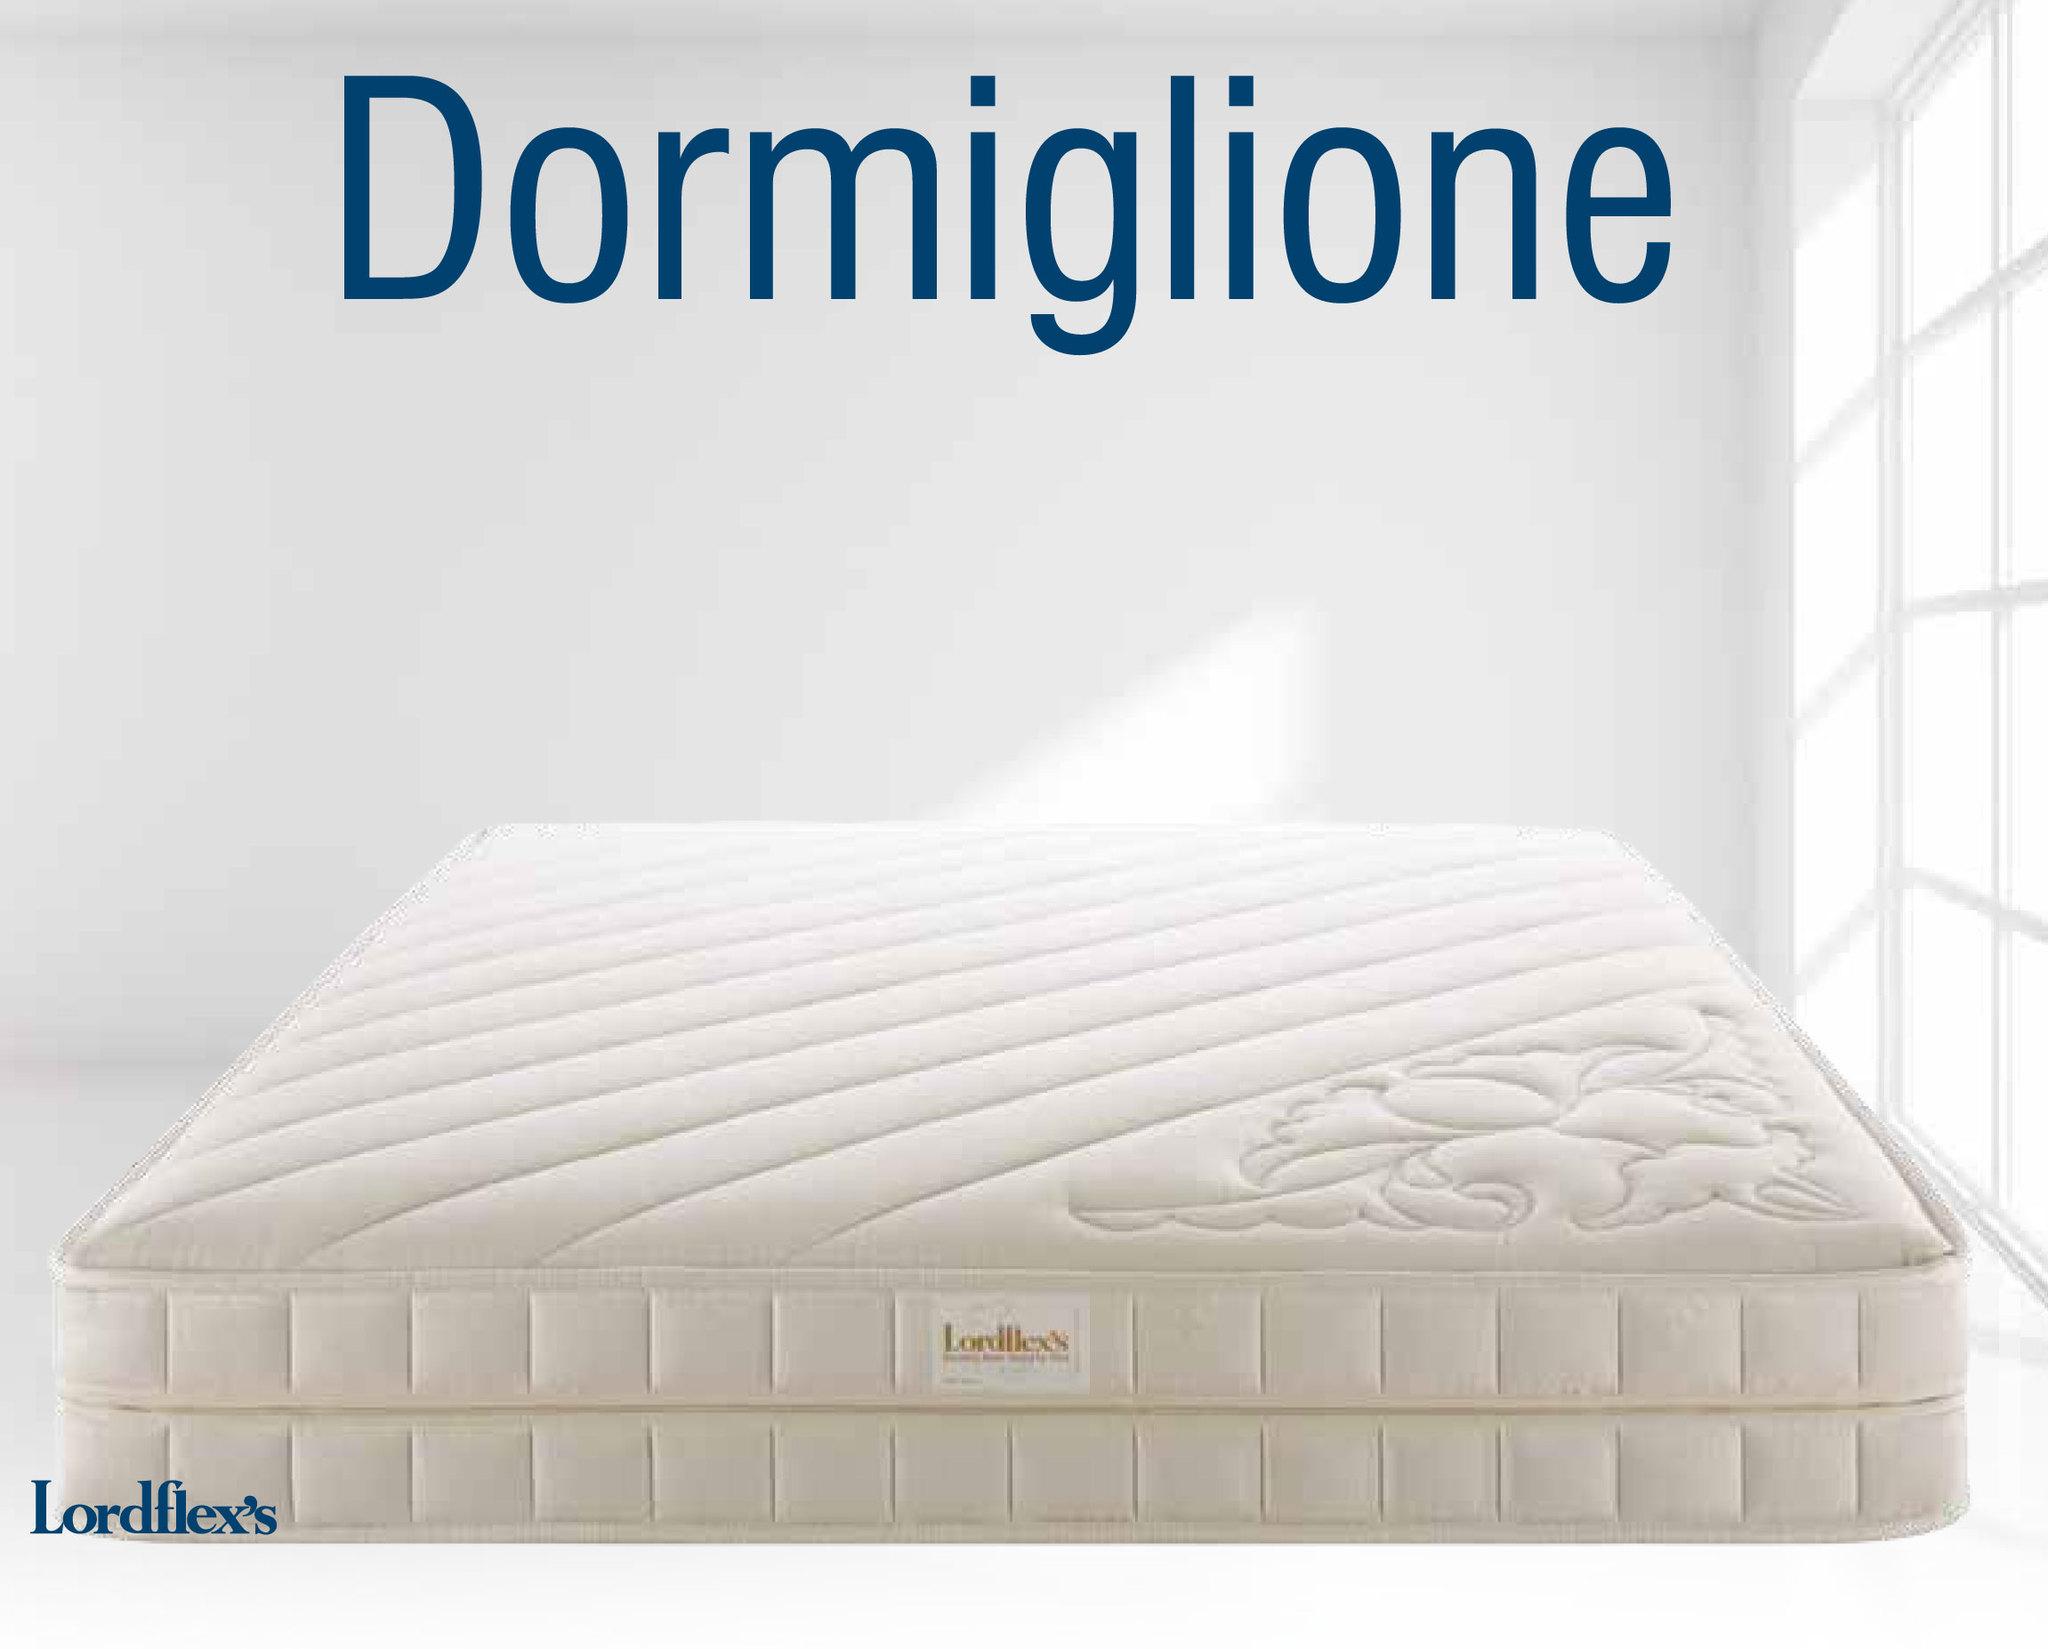 Матрасы Матрас ортопедический 160х200 Lordflex's Dormiglione до 140 кг 1_Dormiglione.jpg